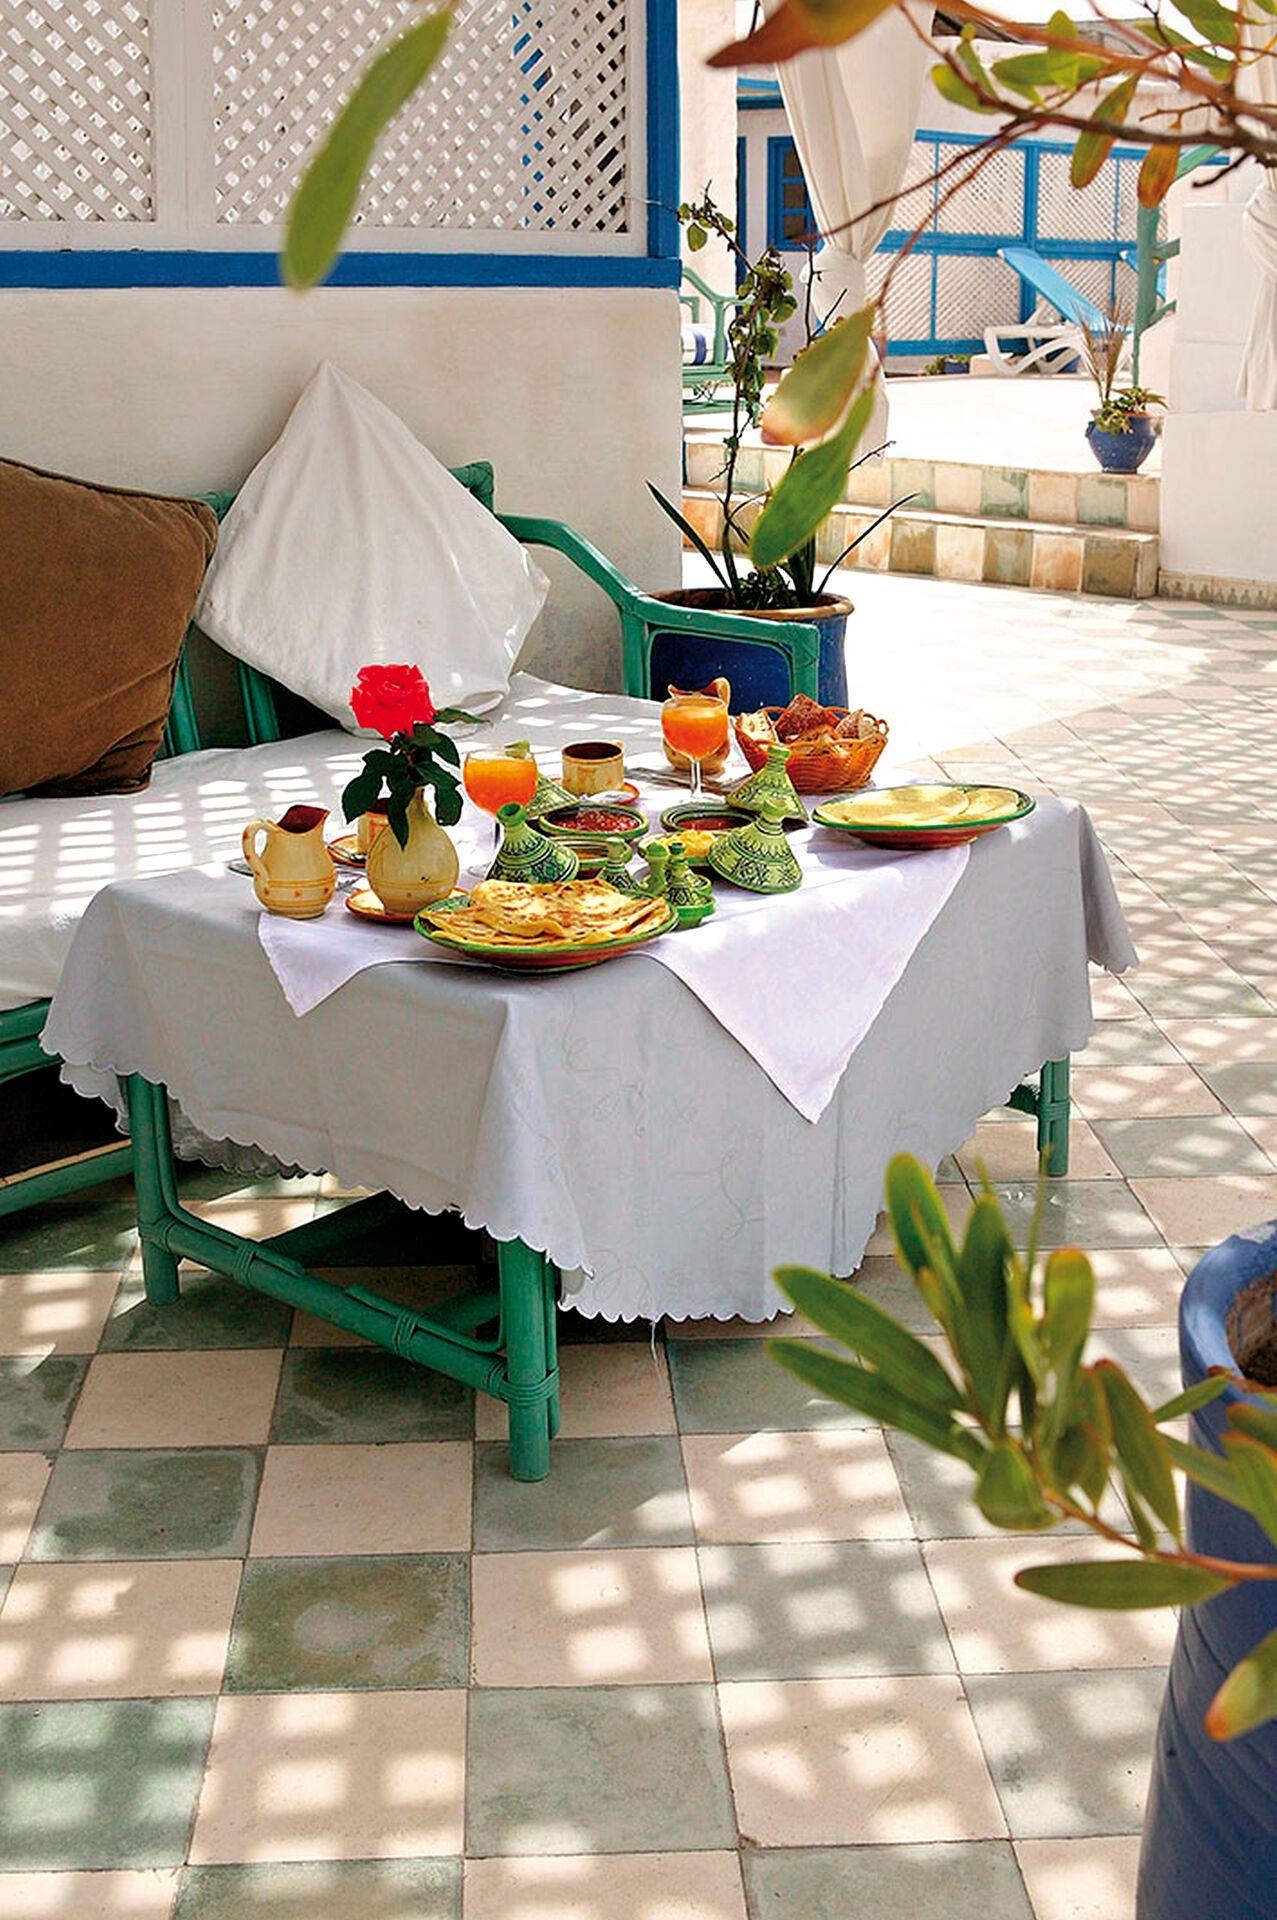 Maroc - Essaouira - Riad Al Madina 4*